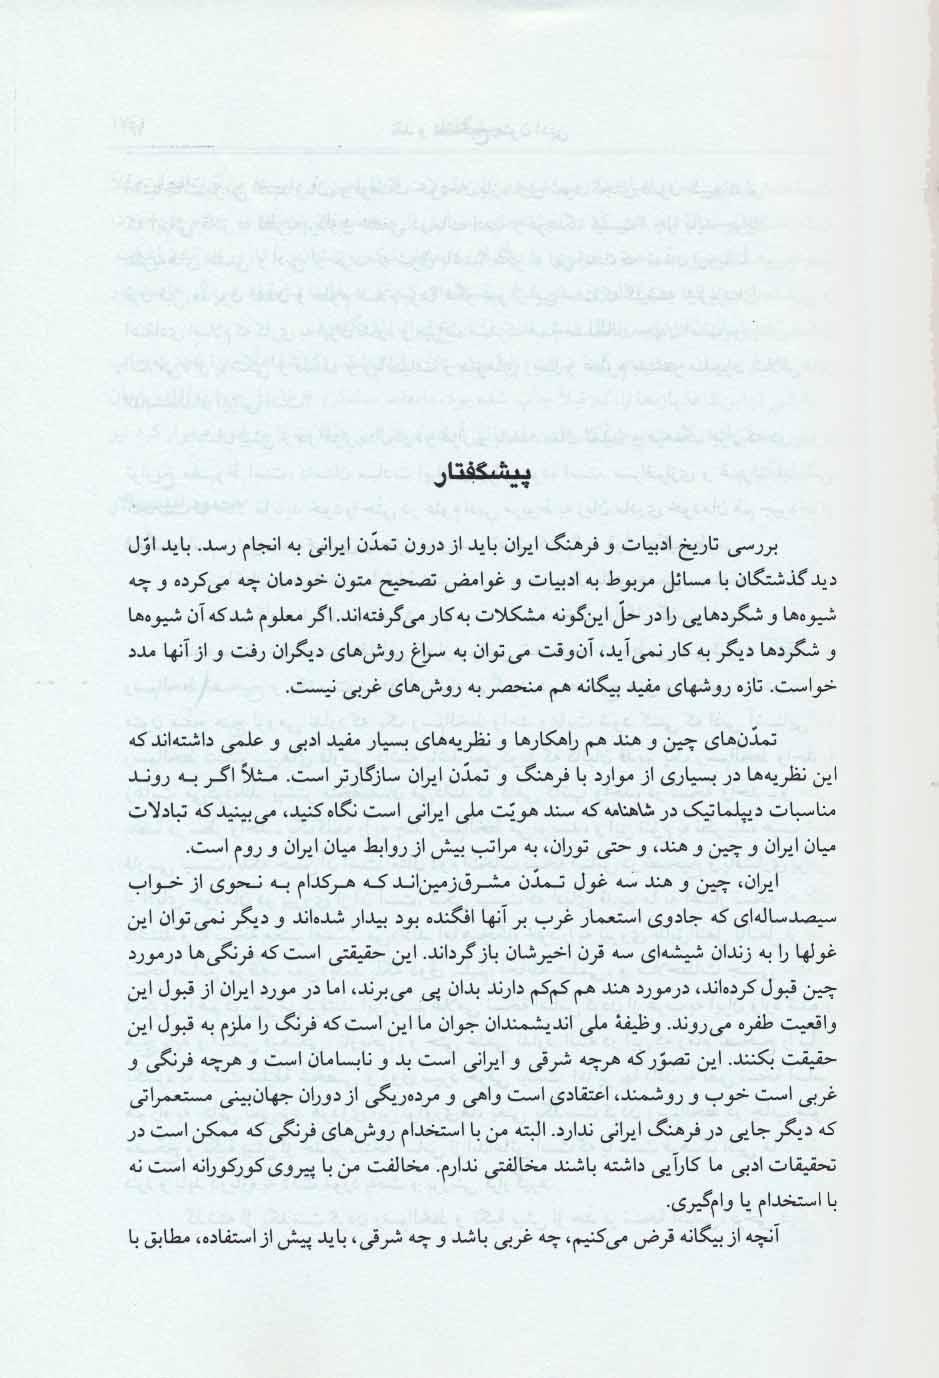 سی و دو مقاله در نقد و تصحیح متون ادبی